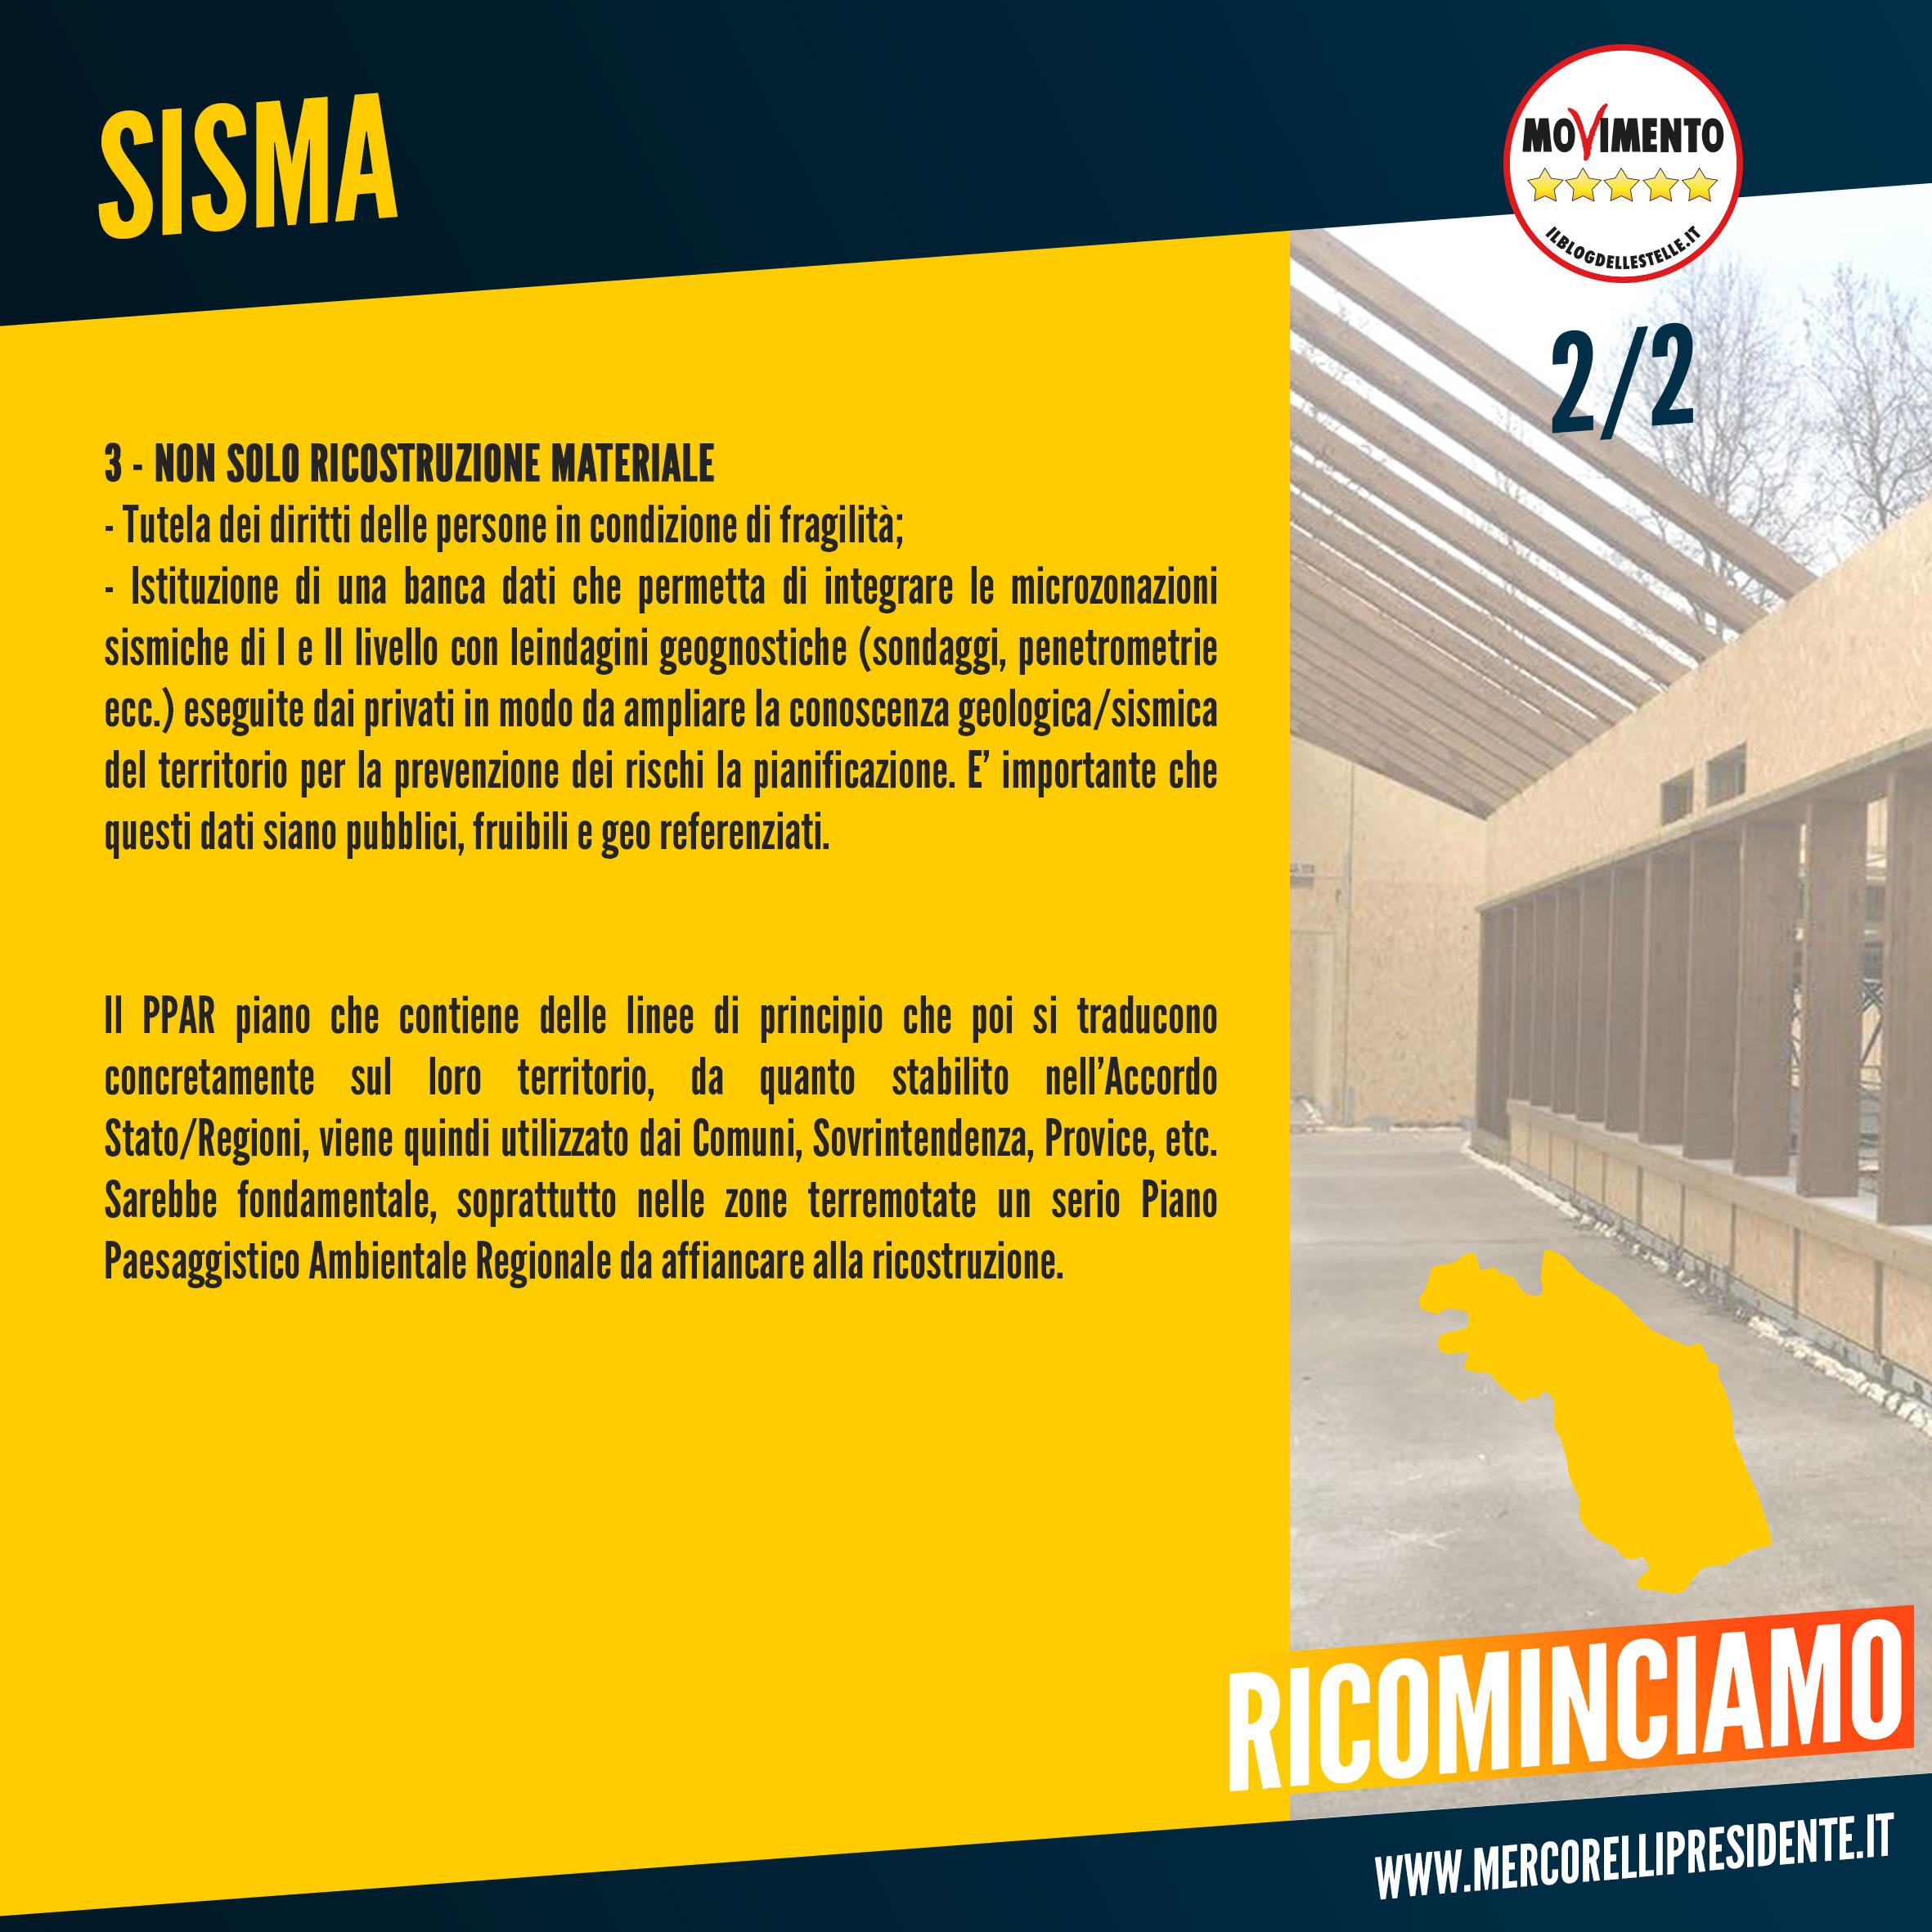 sisma-02